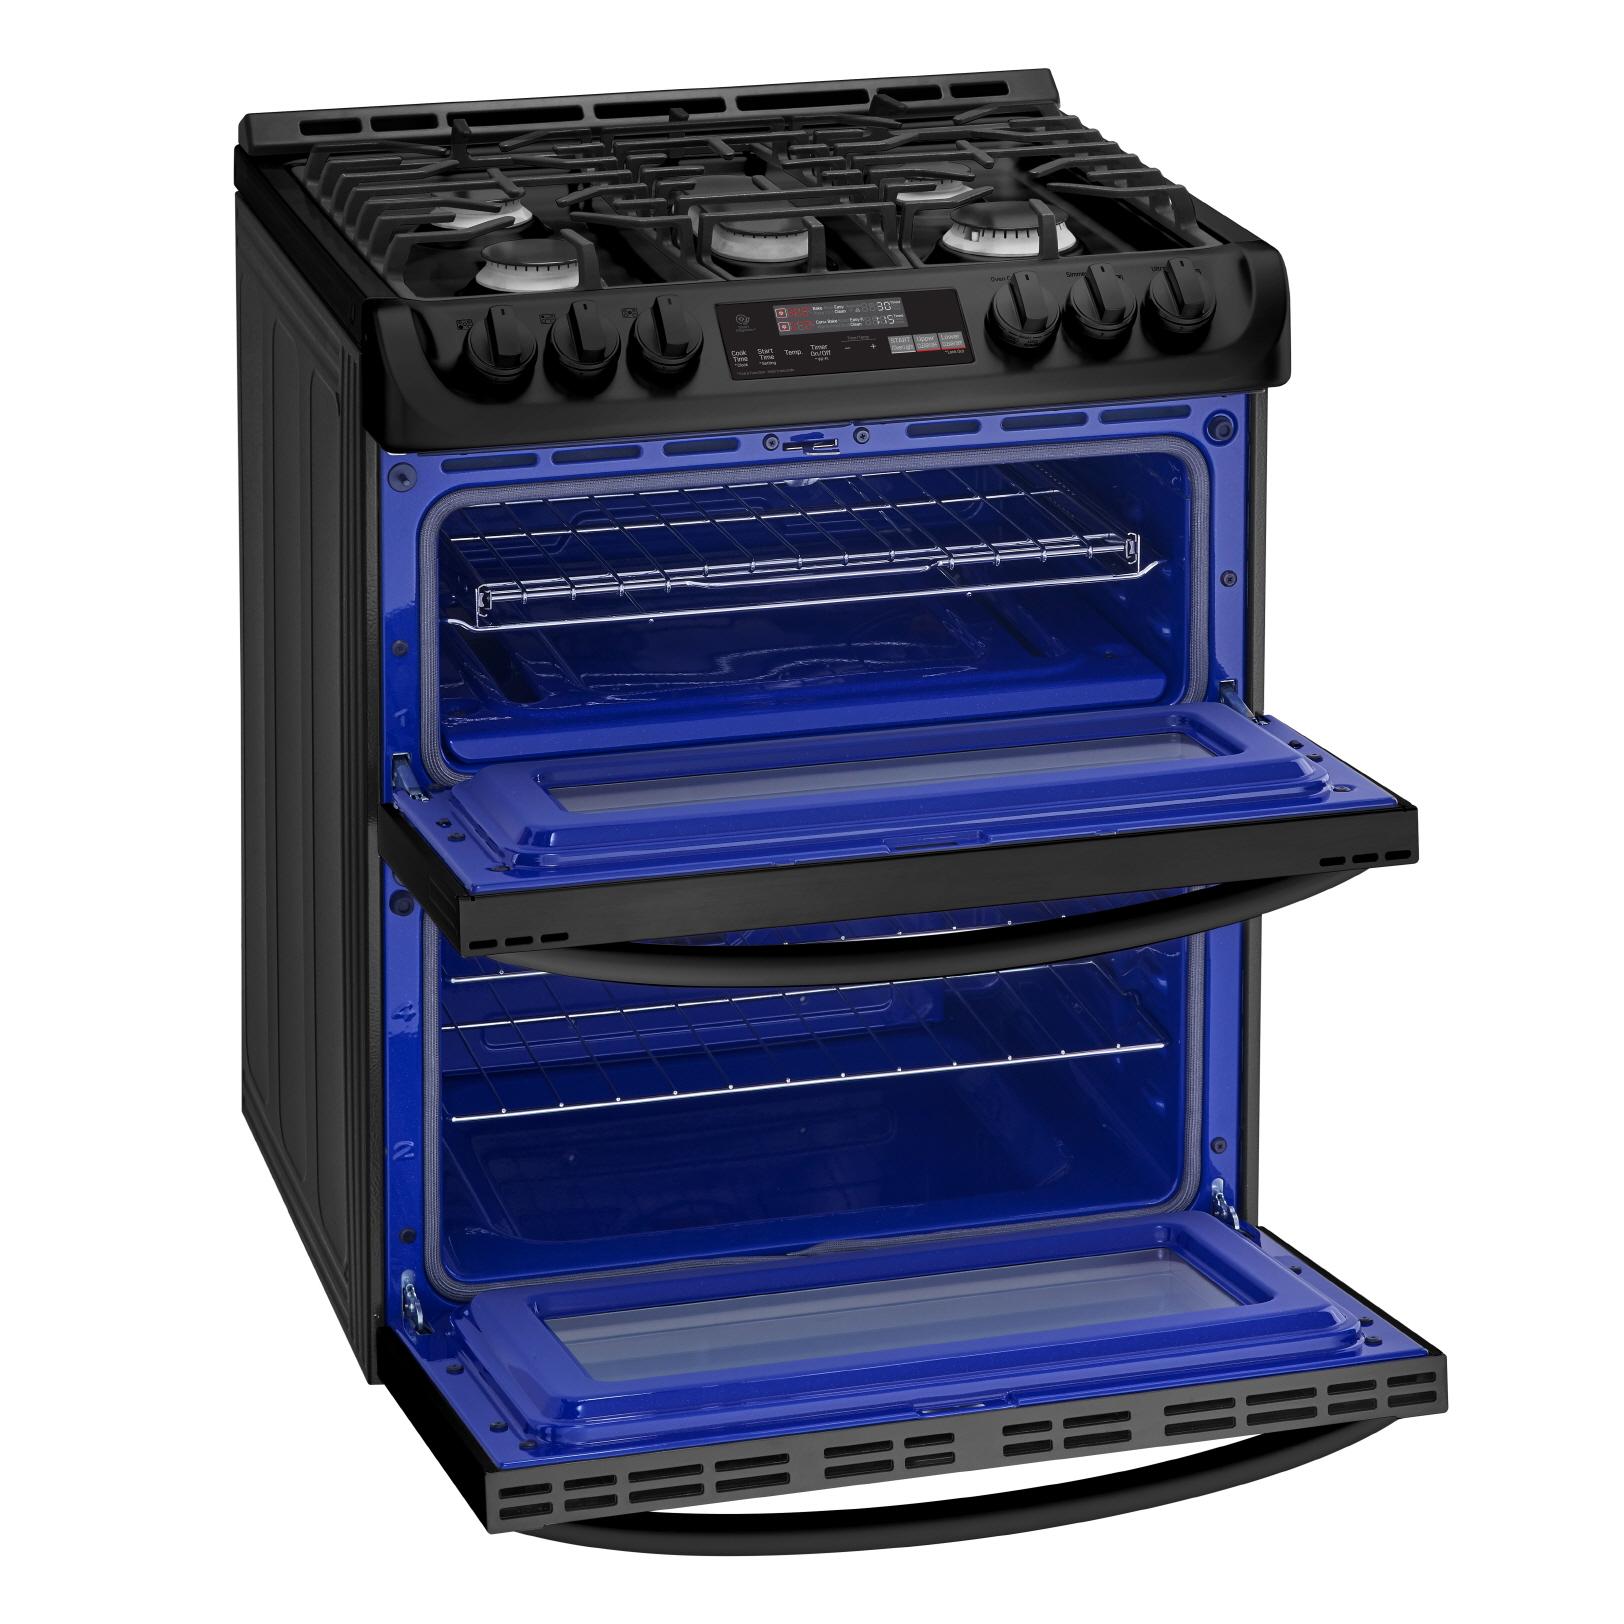 LG Smart Kitchen